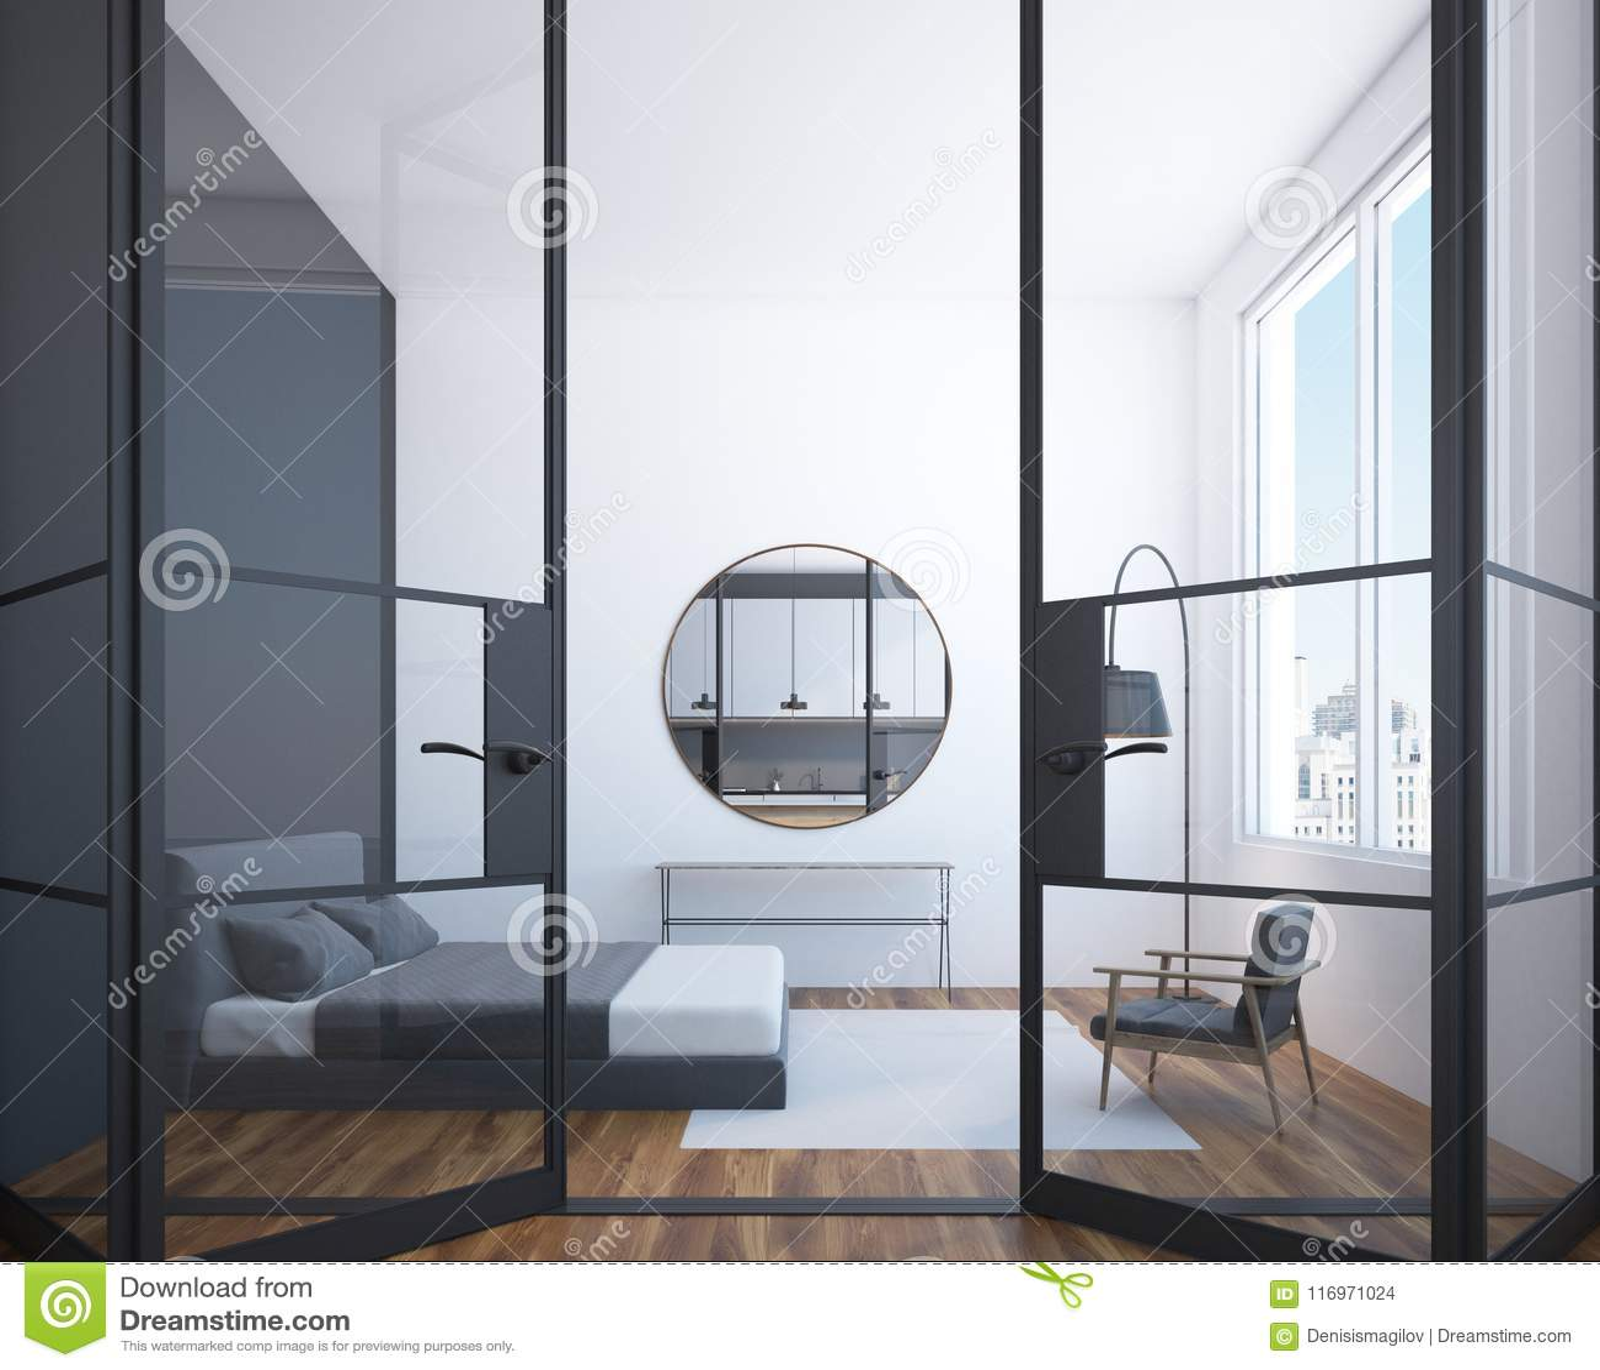 Camera Da Letto Con Specchi